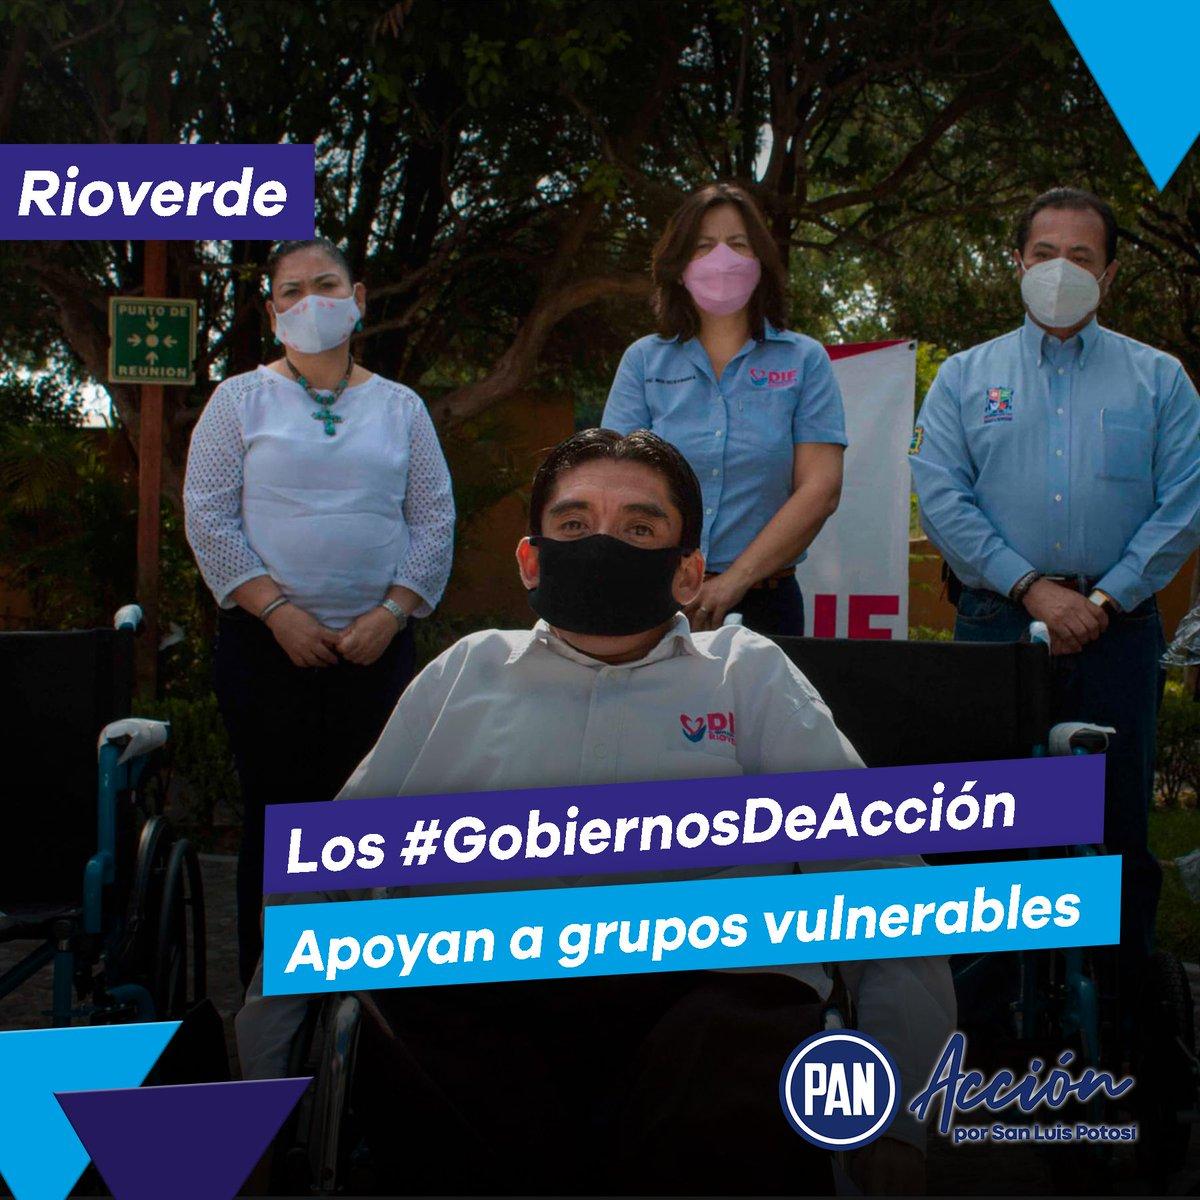 Nuestros #GobiernosDeAcción entienden las necesidades de las y los ciudadanos, ayudando a quien más lo necesita. 👏🔵  En Rioverde los gobiernos panistas donaron 6 sillas de ruedas a personas con problemas de movilidad. 👩🦽🔵🙌 https://t.co/obi40wtGKD